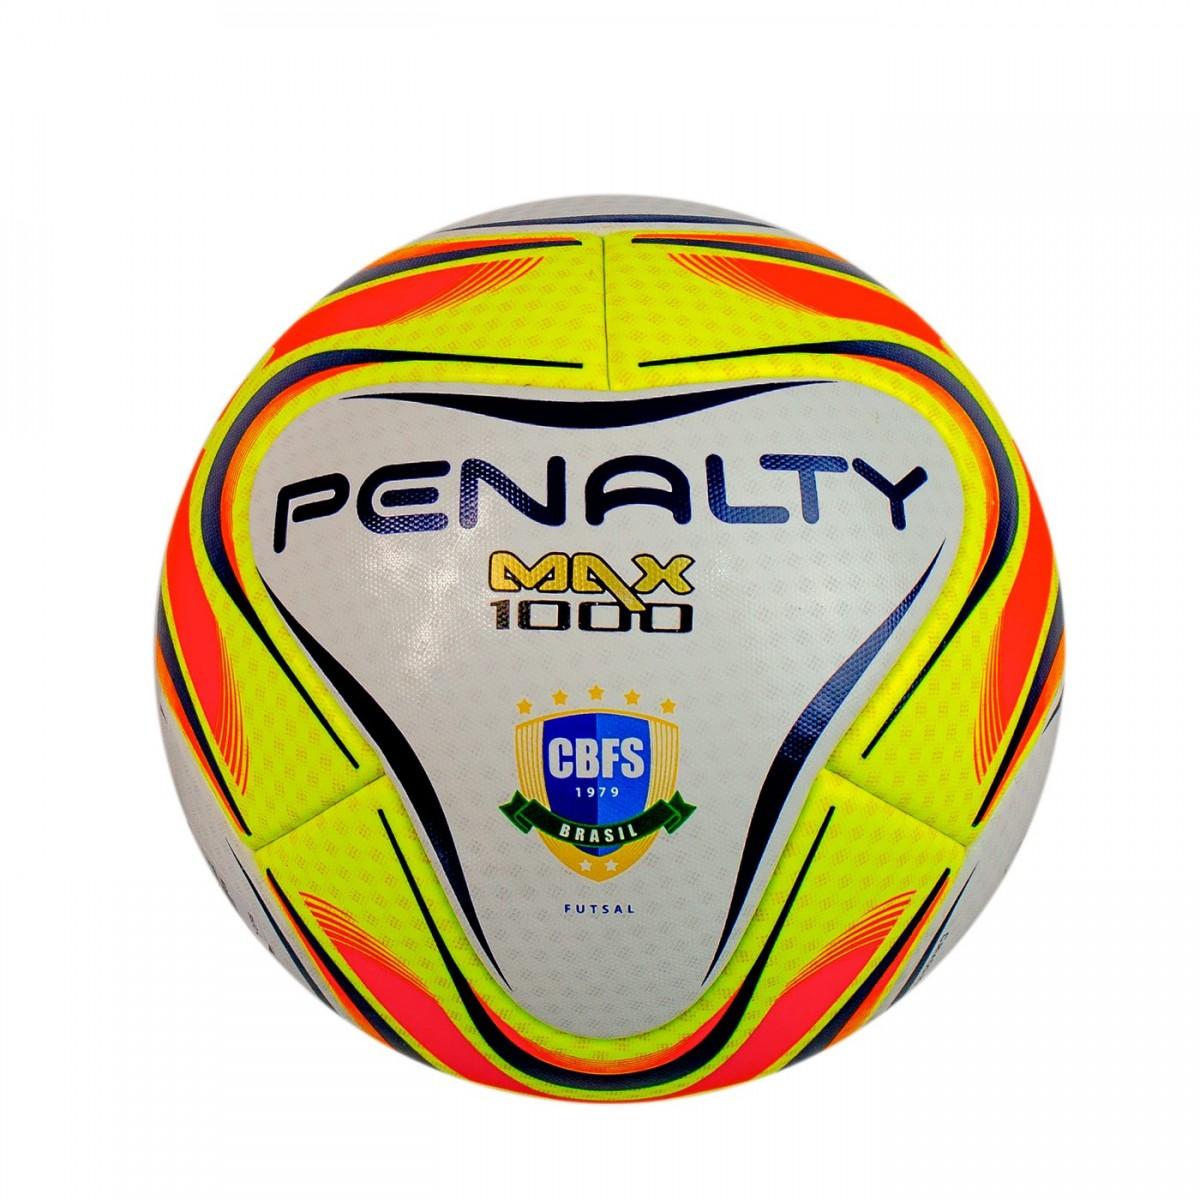 Bizz Store - Bola Futsal Penalty Max 1000 Profissional CBF 6783d0678bb93